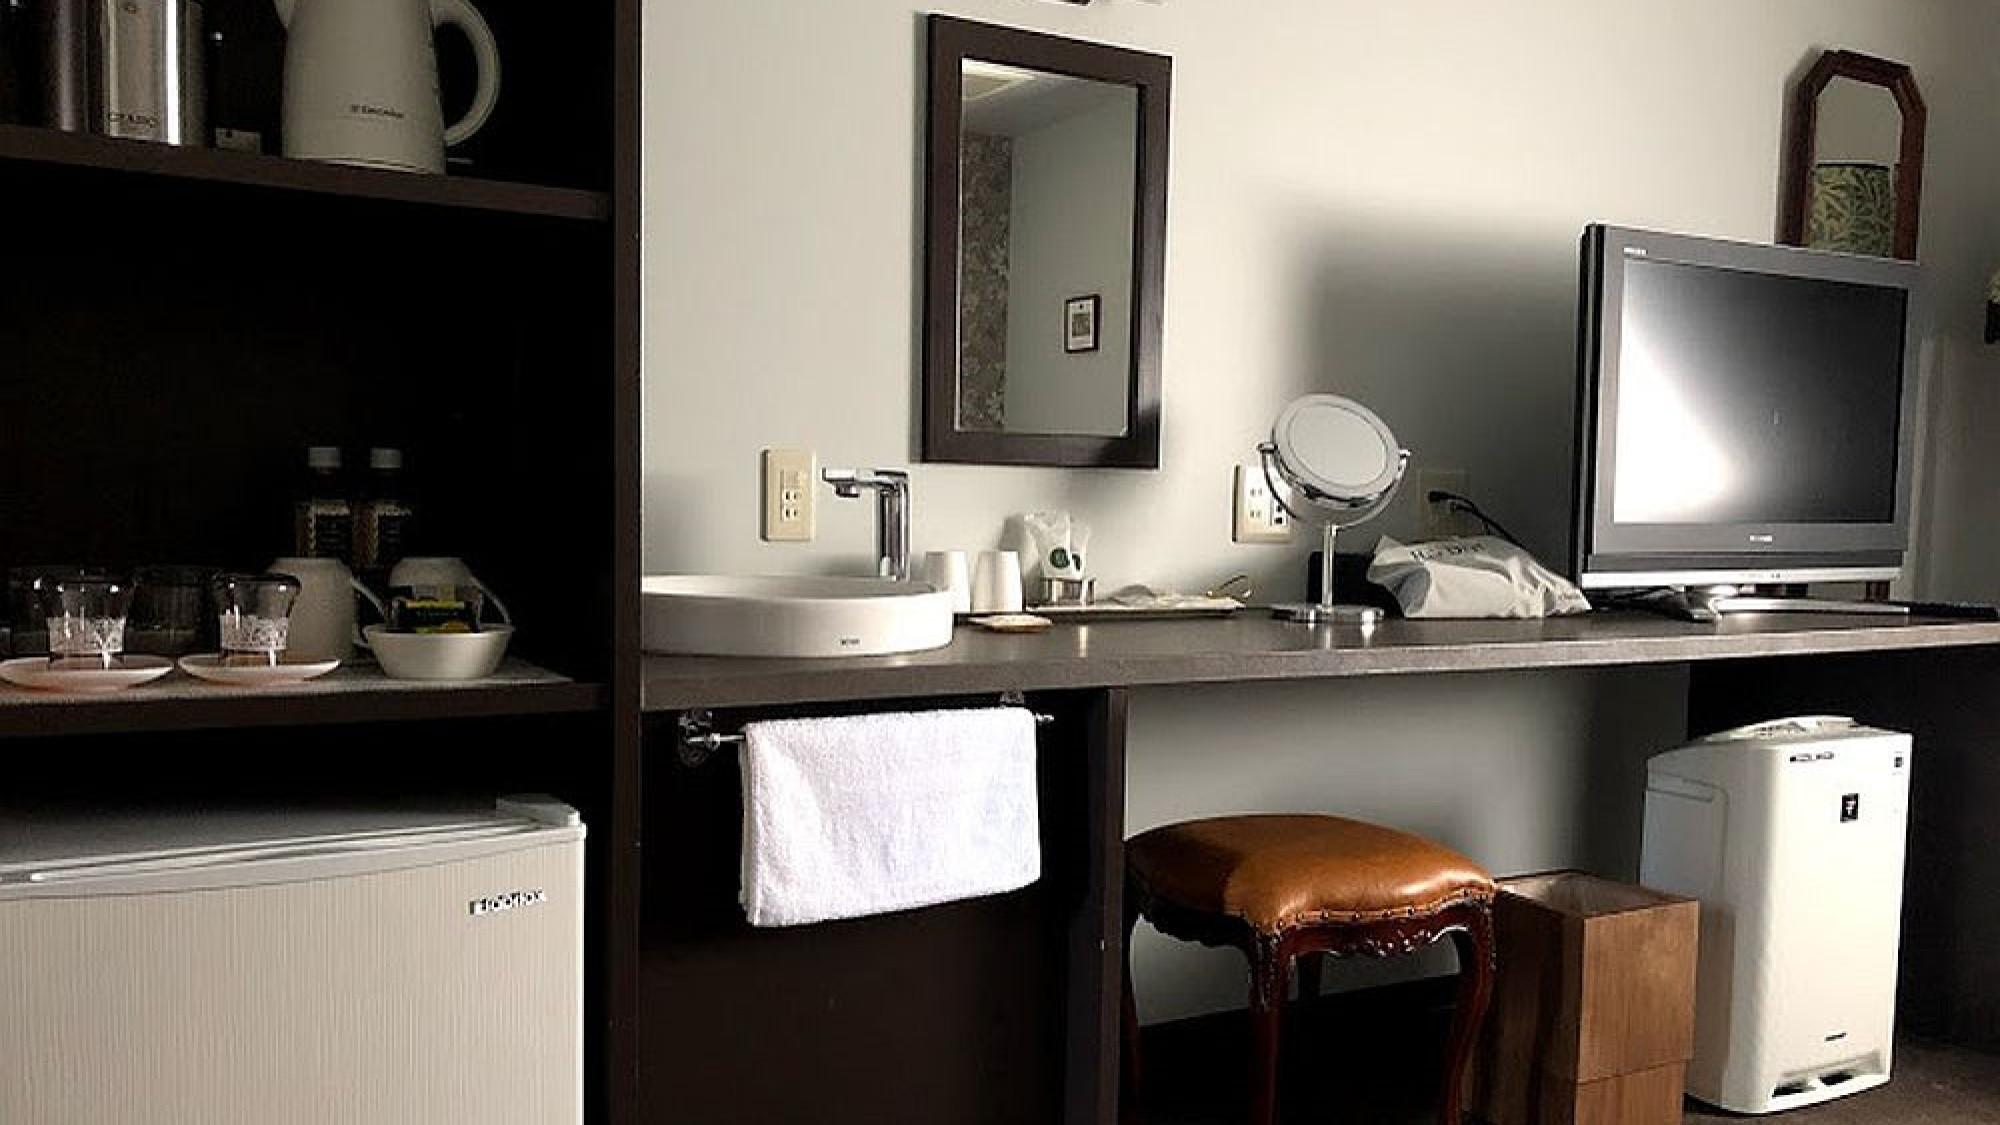 【室内設備】 ツインルームの設備です